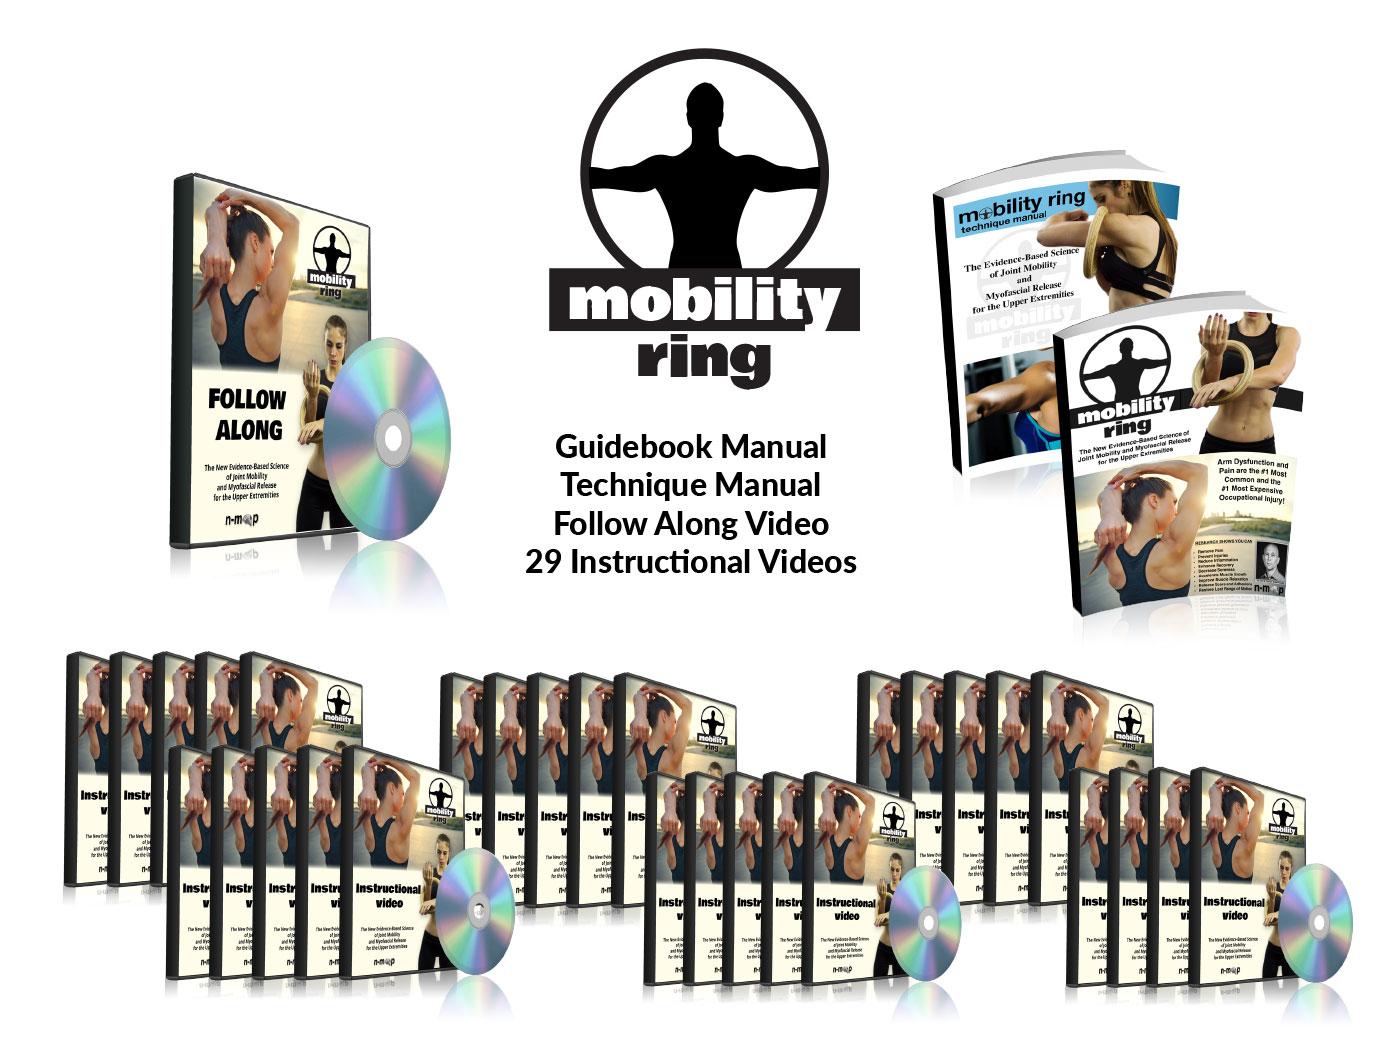 mobility_ring.jpg